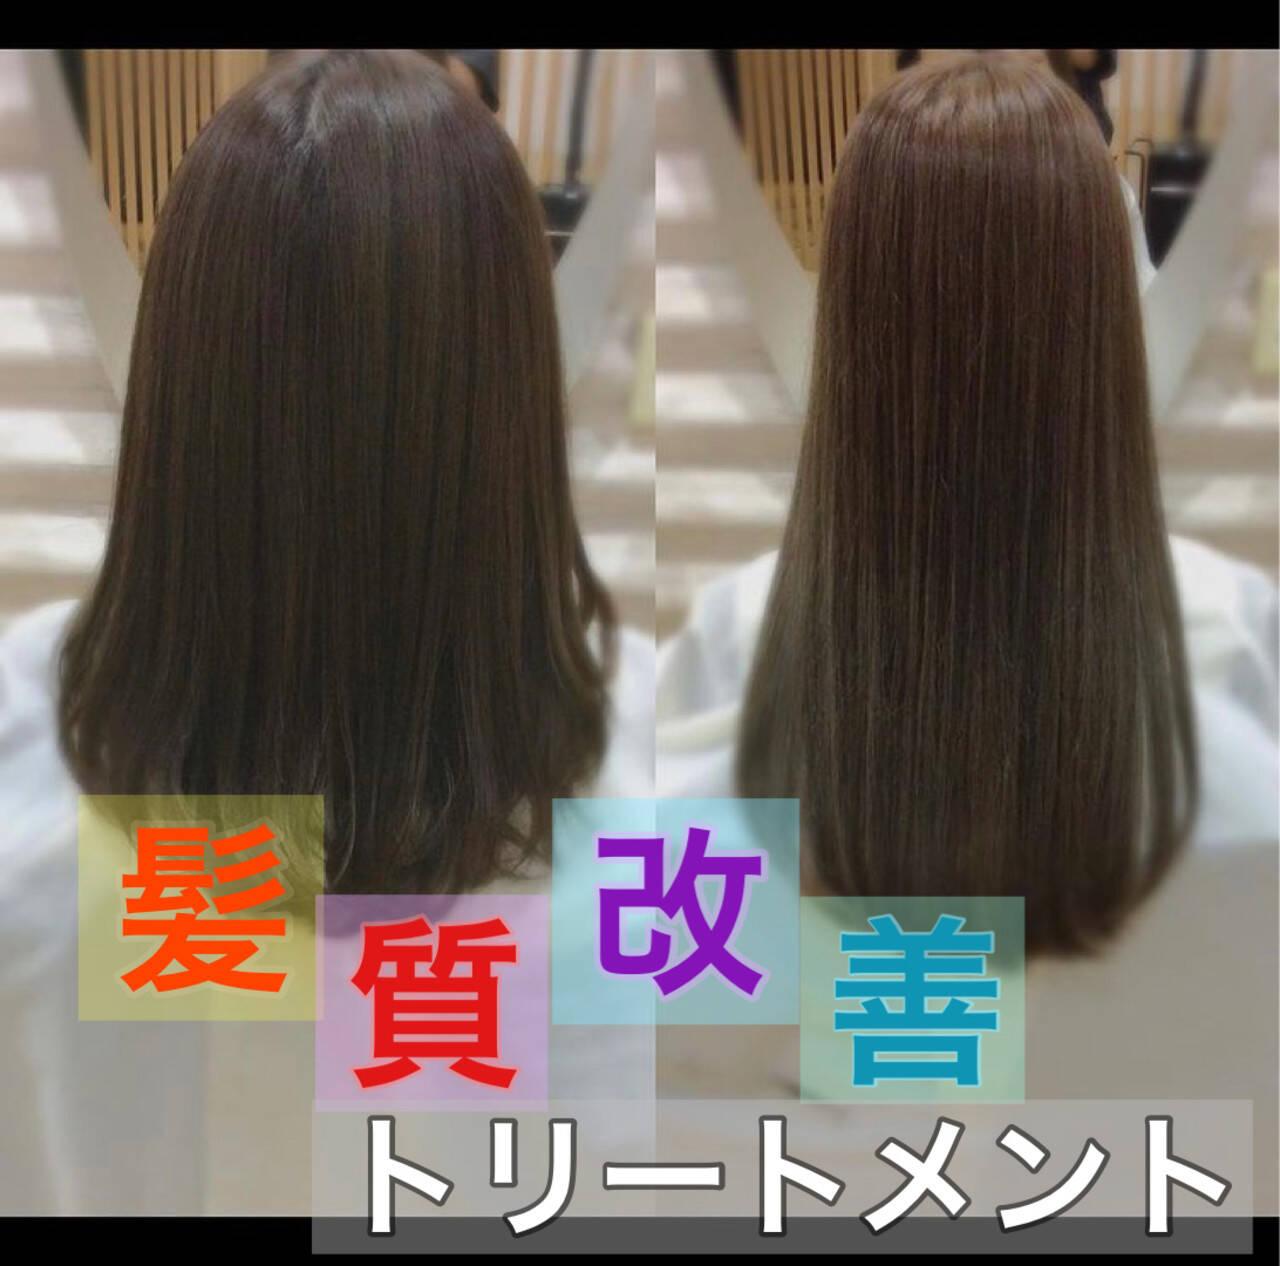 髪質改善 ナチュラル 髪質改善カラー うる艶カラーヘアスタイルや髪型の写真・画像